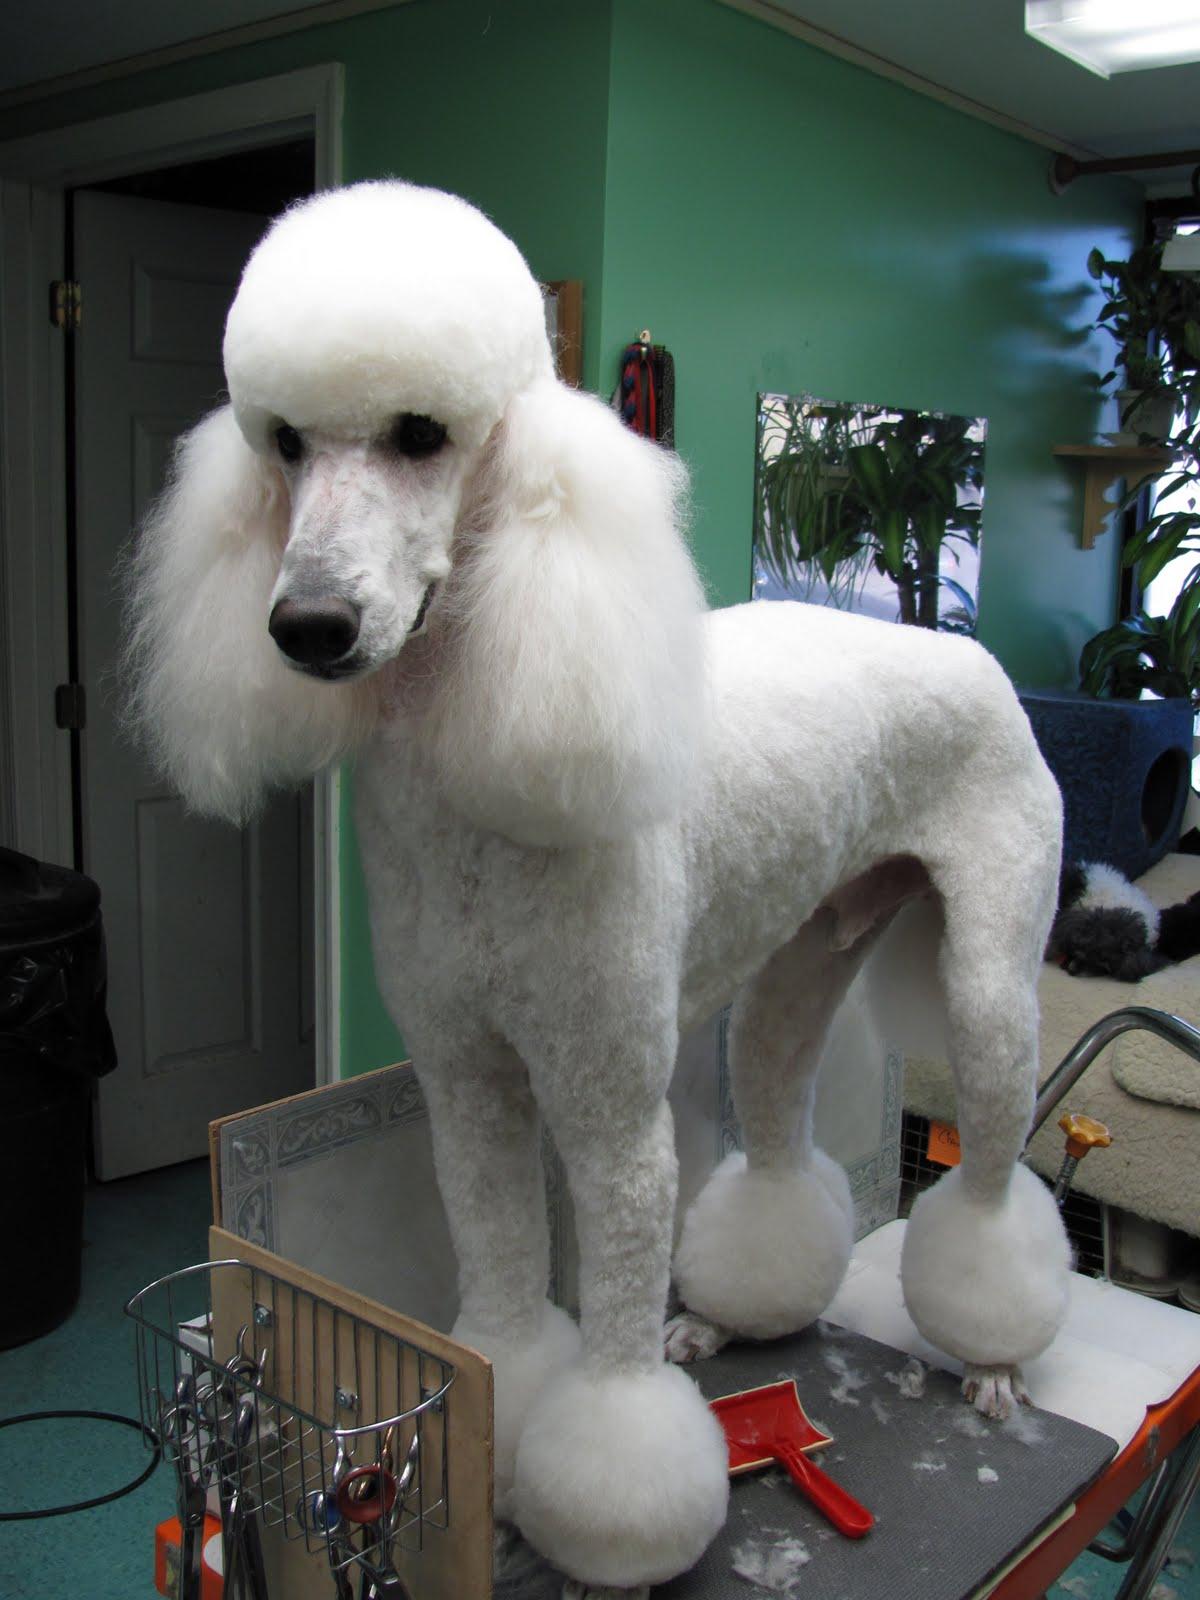 Poodle No Haircut photo - 2